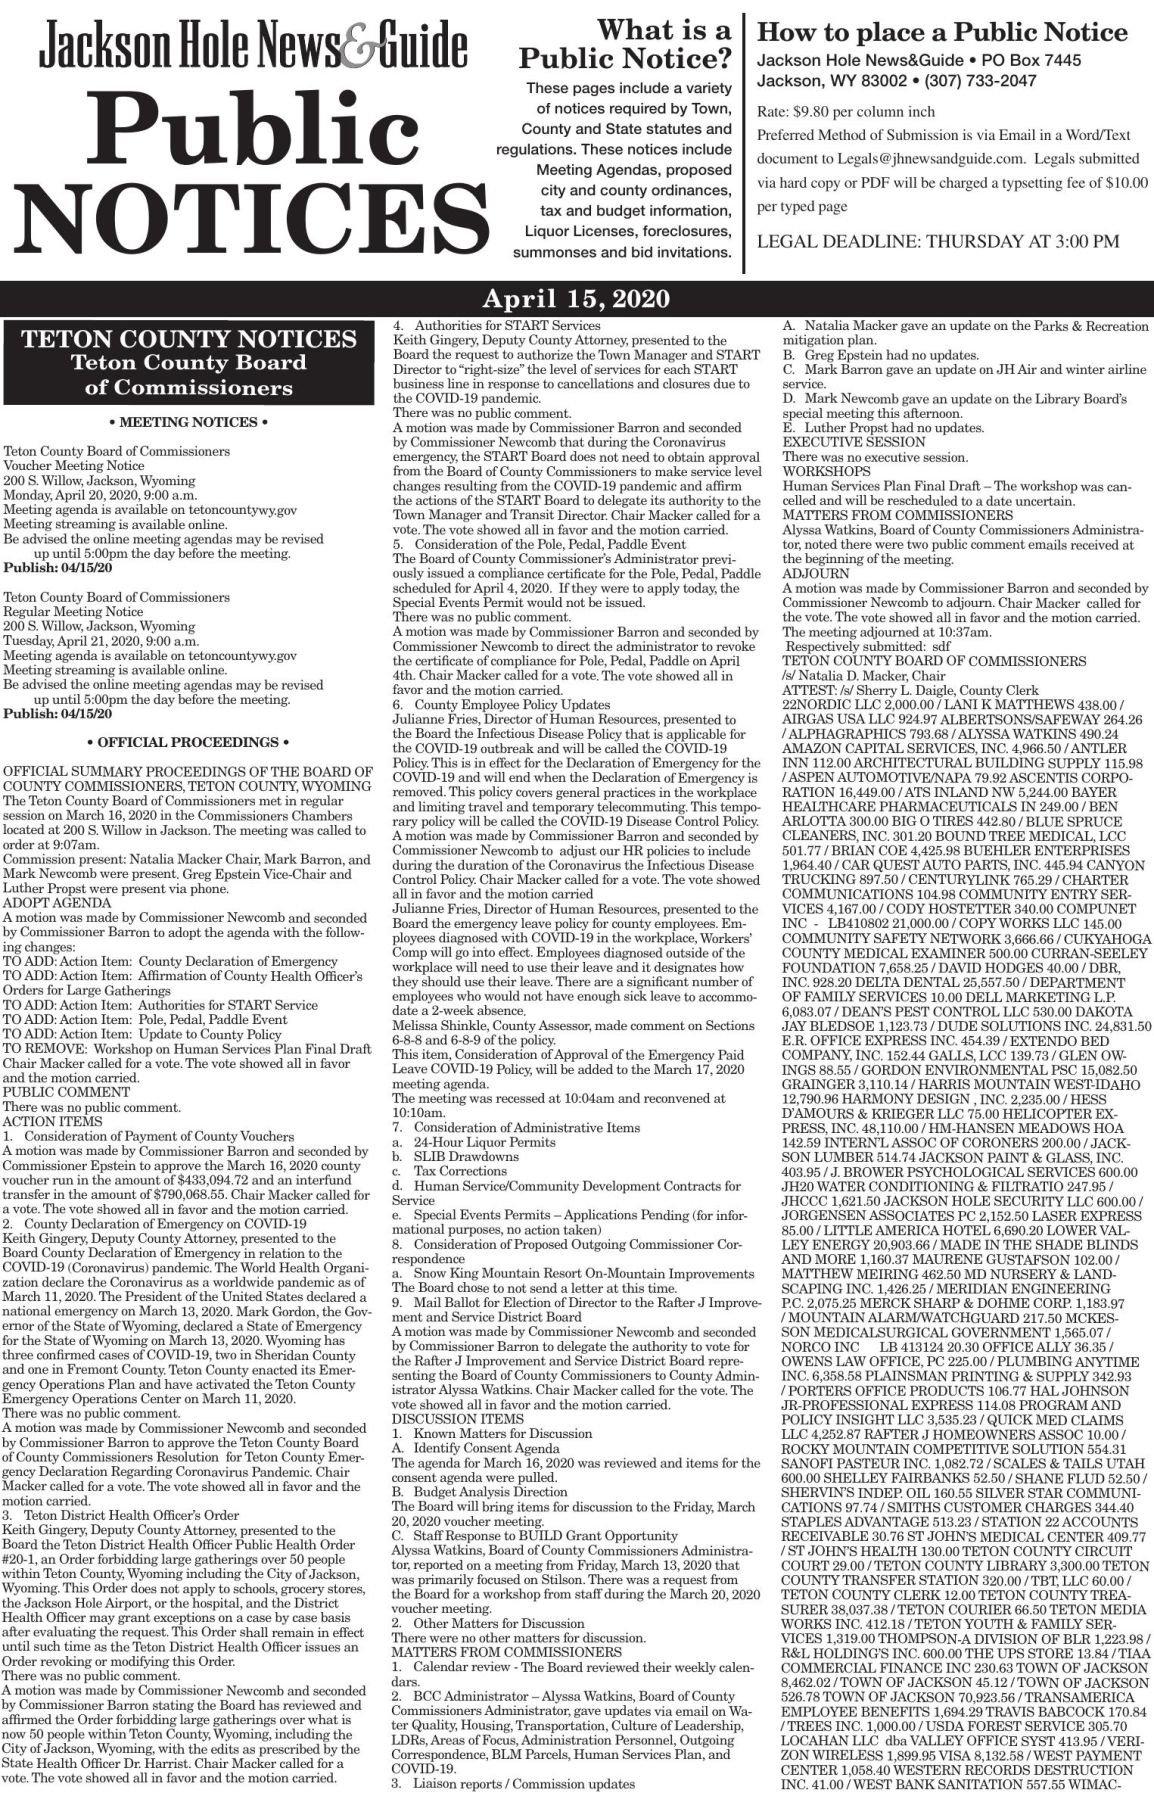 Public Notices, April 15, 2020